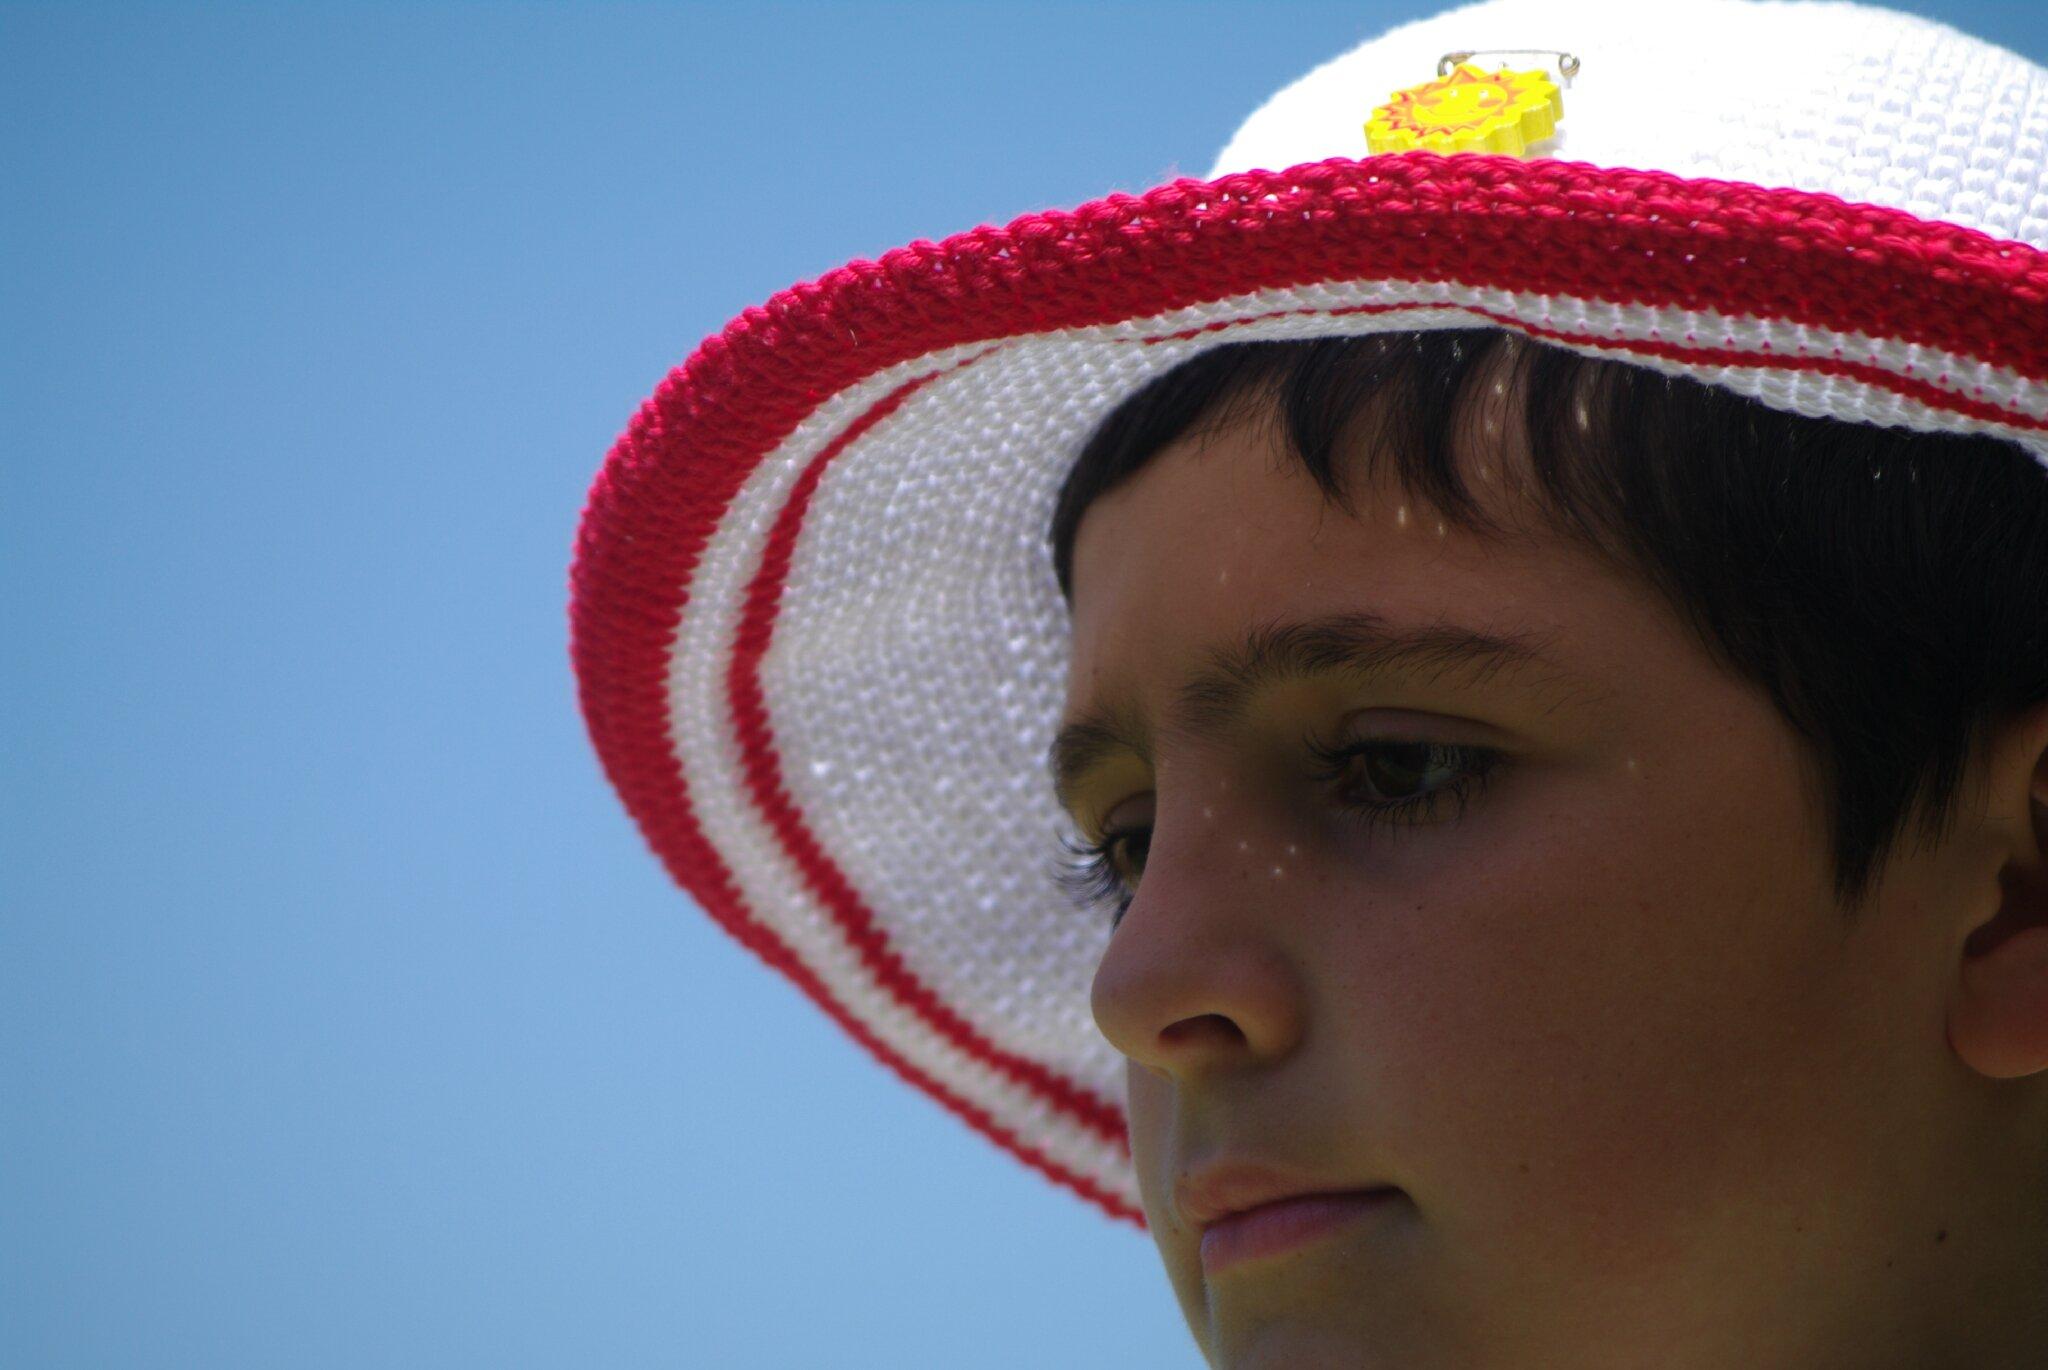 crocheter un chapeau en mailles serrées